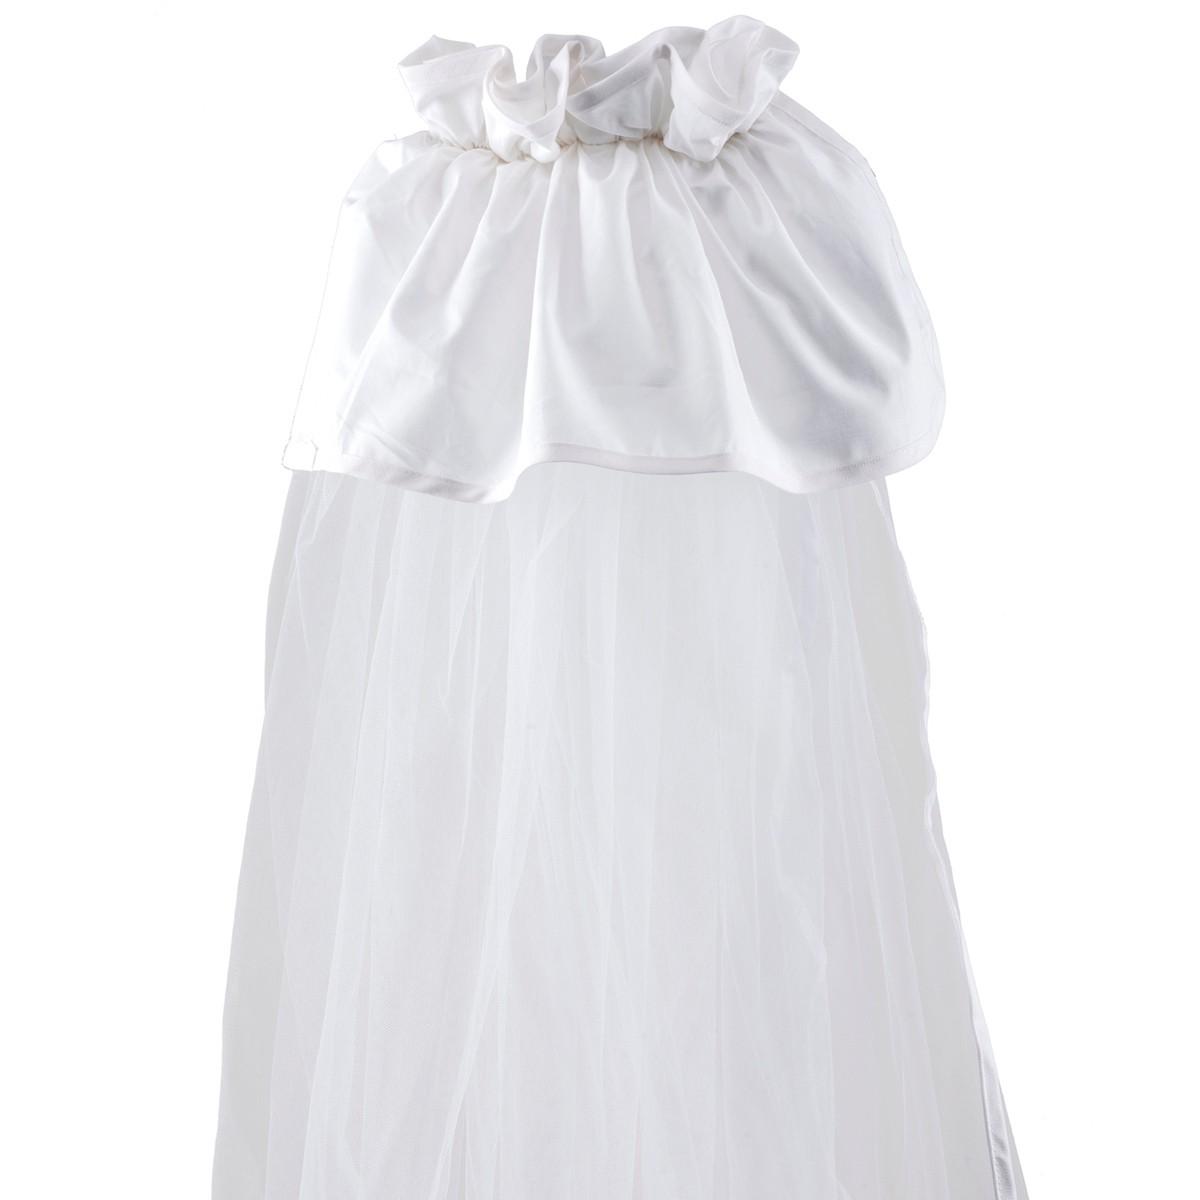 Κουνουπιέρα Λίκνου Κόσμος Του Μωρού Μονόχρωμη 0872 Λευκό 74593